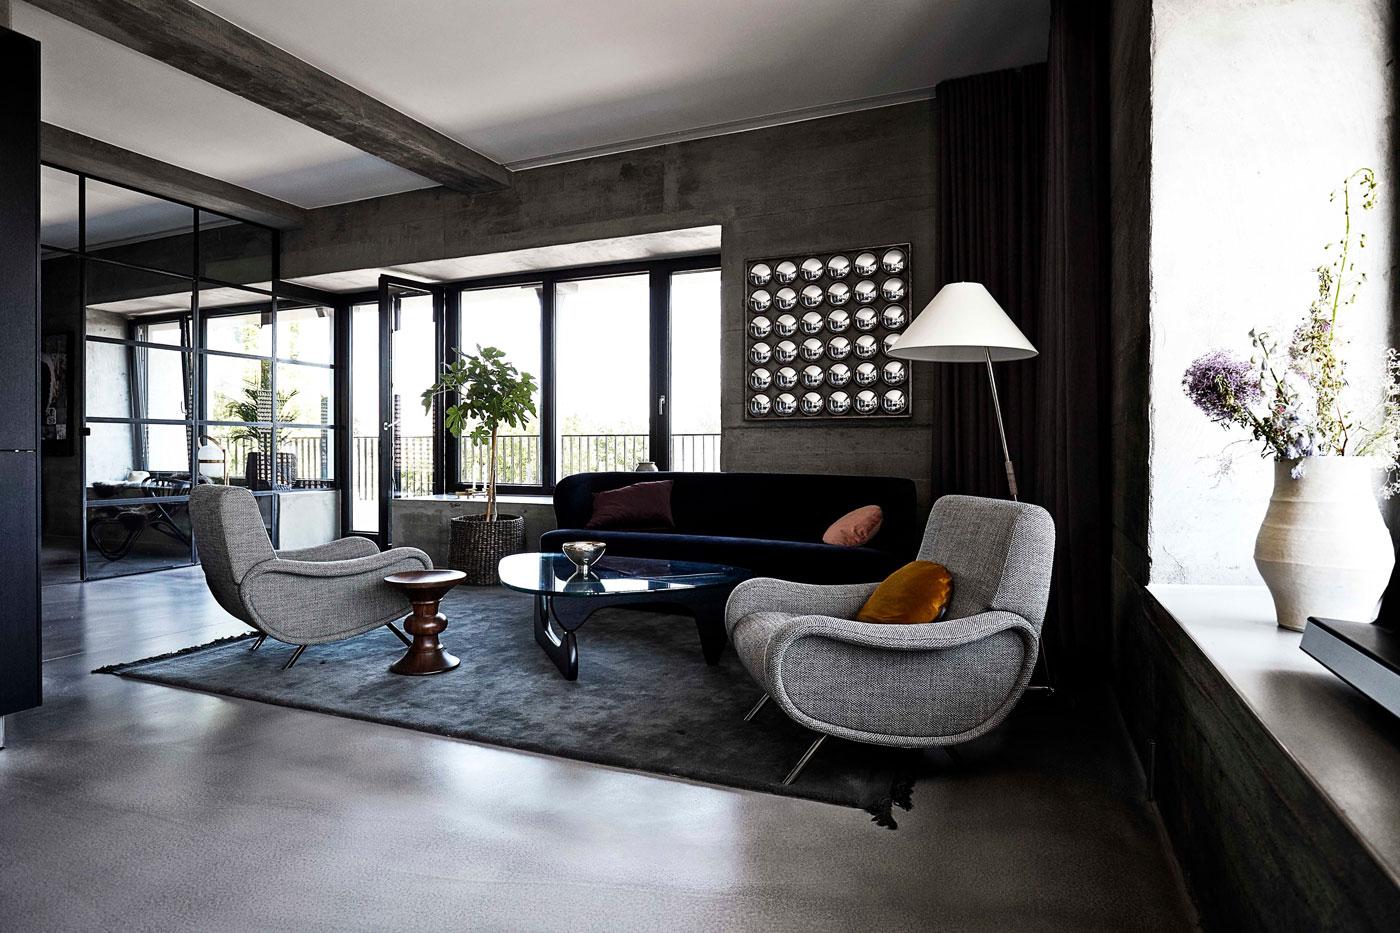 Rug, chairs, coffee table, sofa